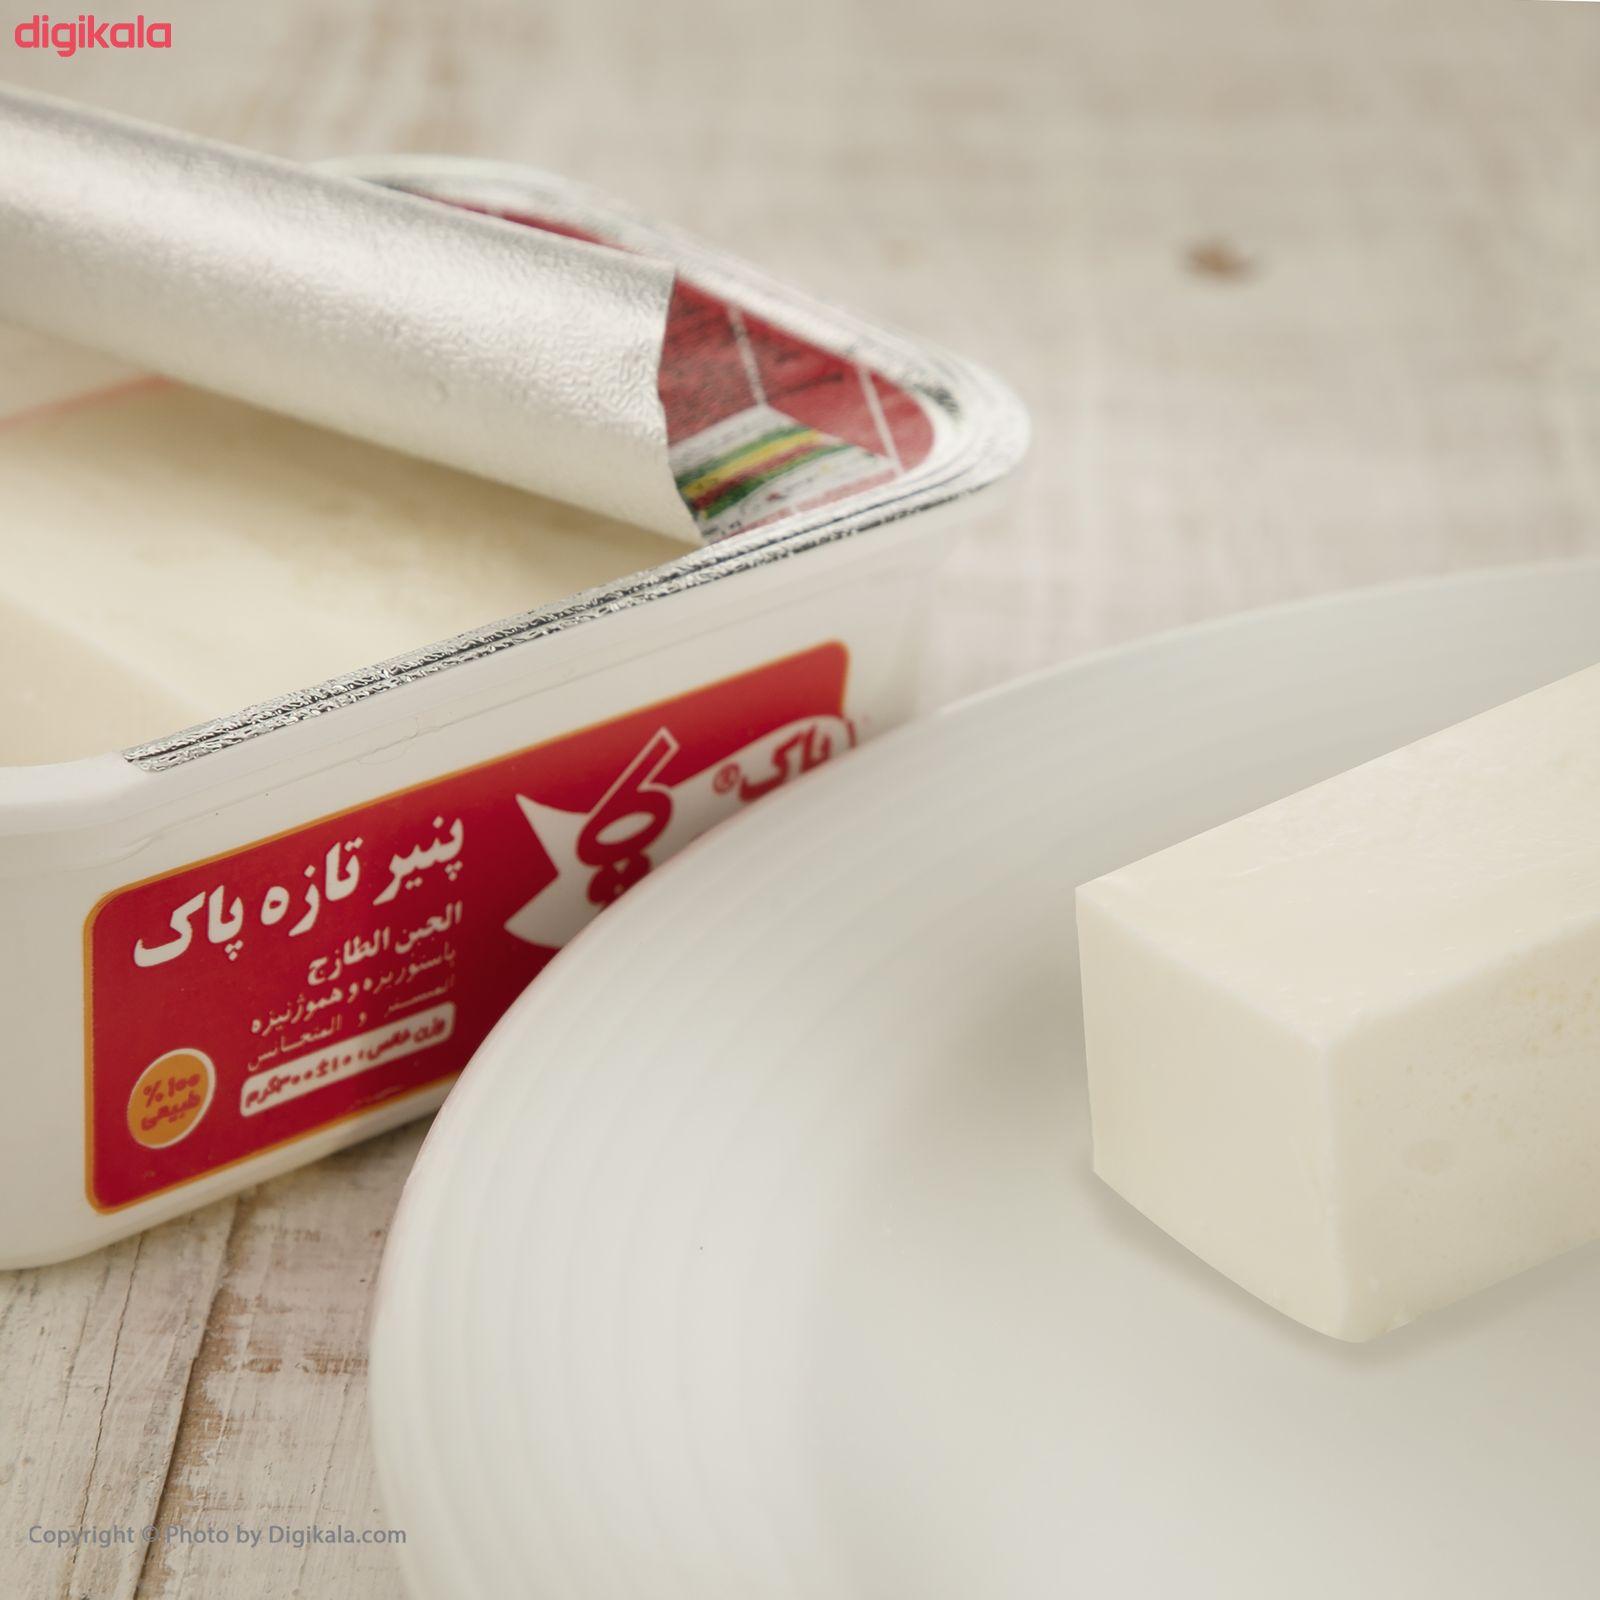 پنیر تازه پاک وزن 300 گرم main 1 4